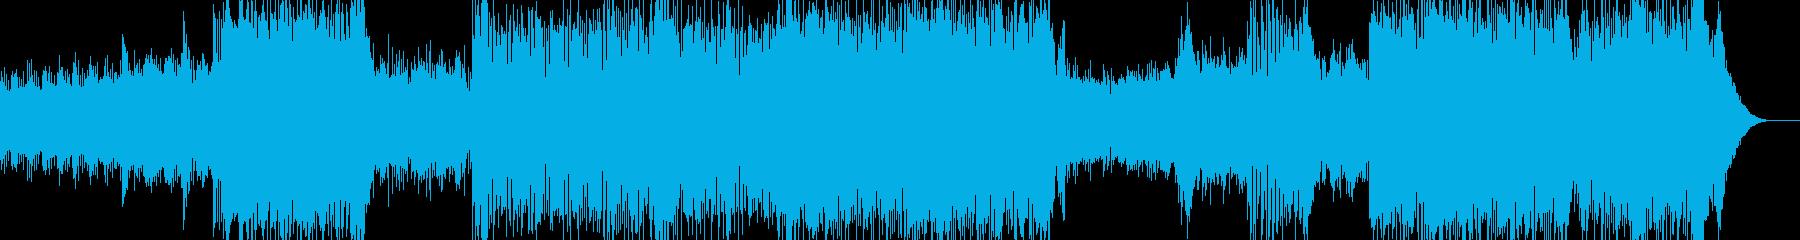 バイオリン・大空翔けるテーマ 短尺+の再生済みの波形